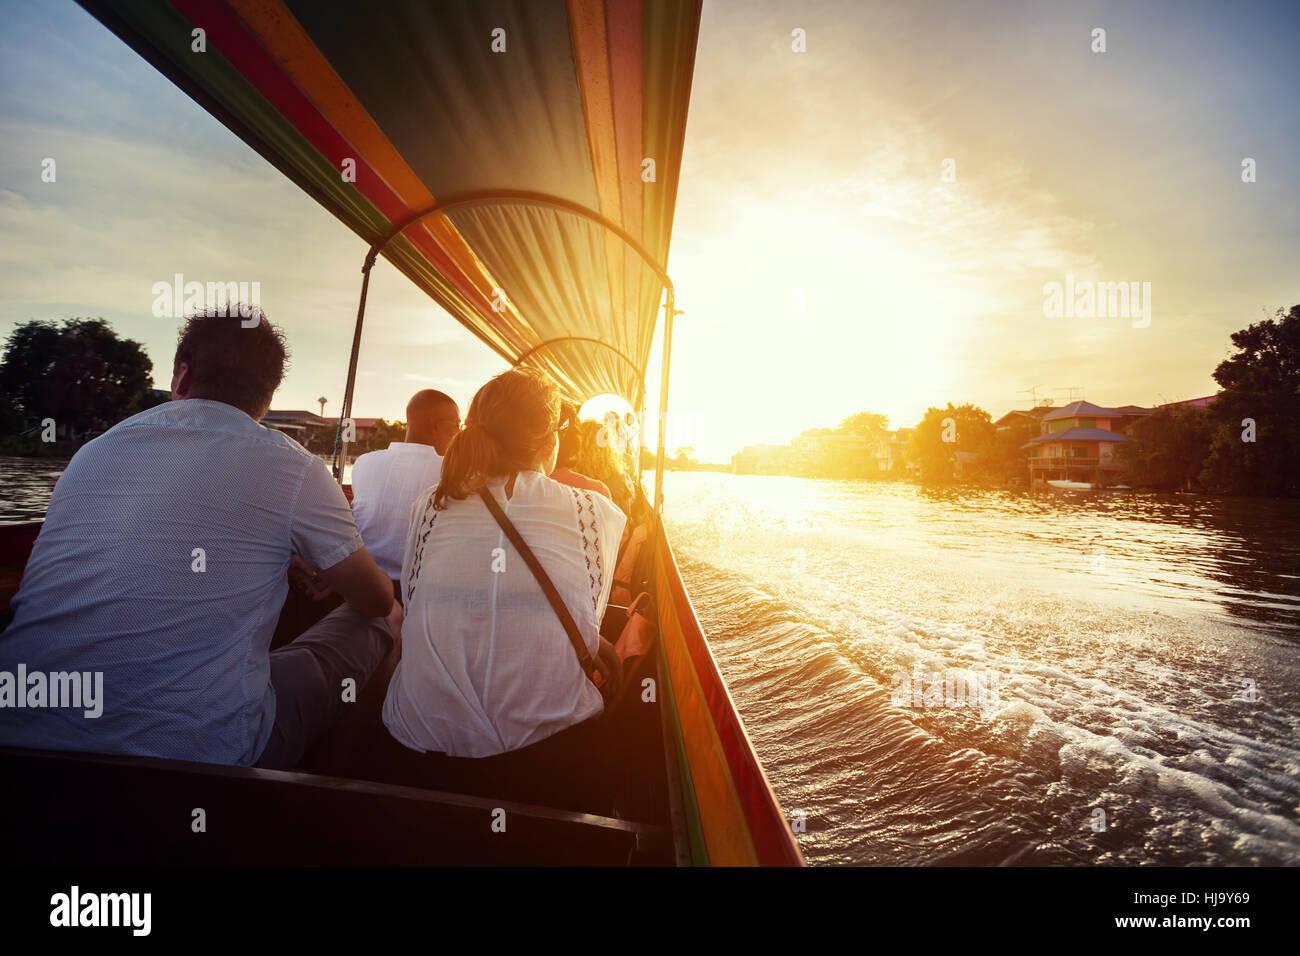 Soggiorno turistico in barca dalla lunga coda da crociera sul Fiume Chao Phraya in città antica Ayutthaya al Immagini Stock